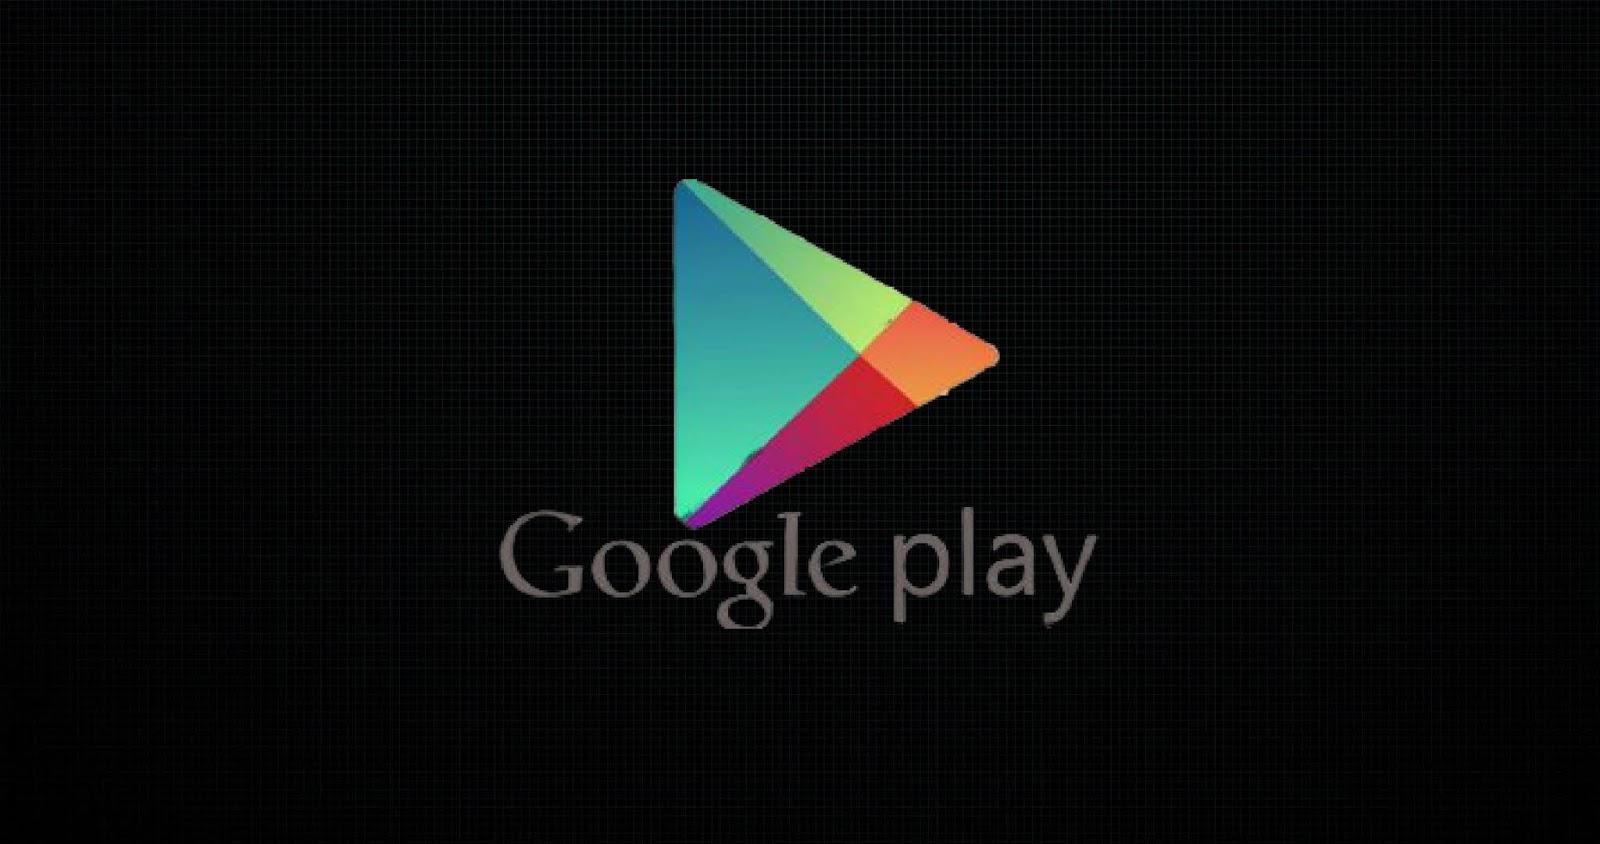 تفعيل الوضع المظلم في متجر جوجل بلاي ستور